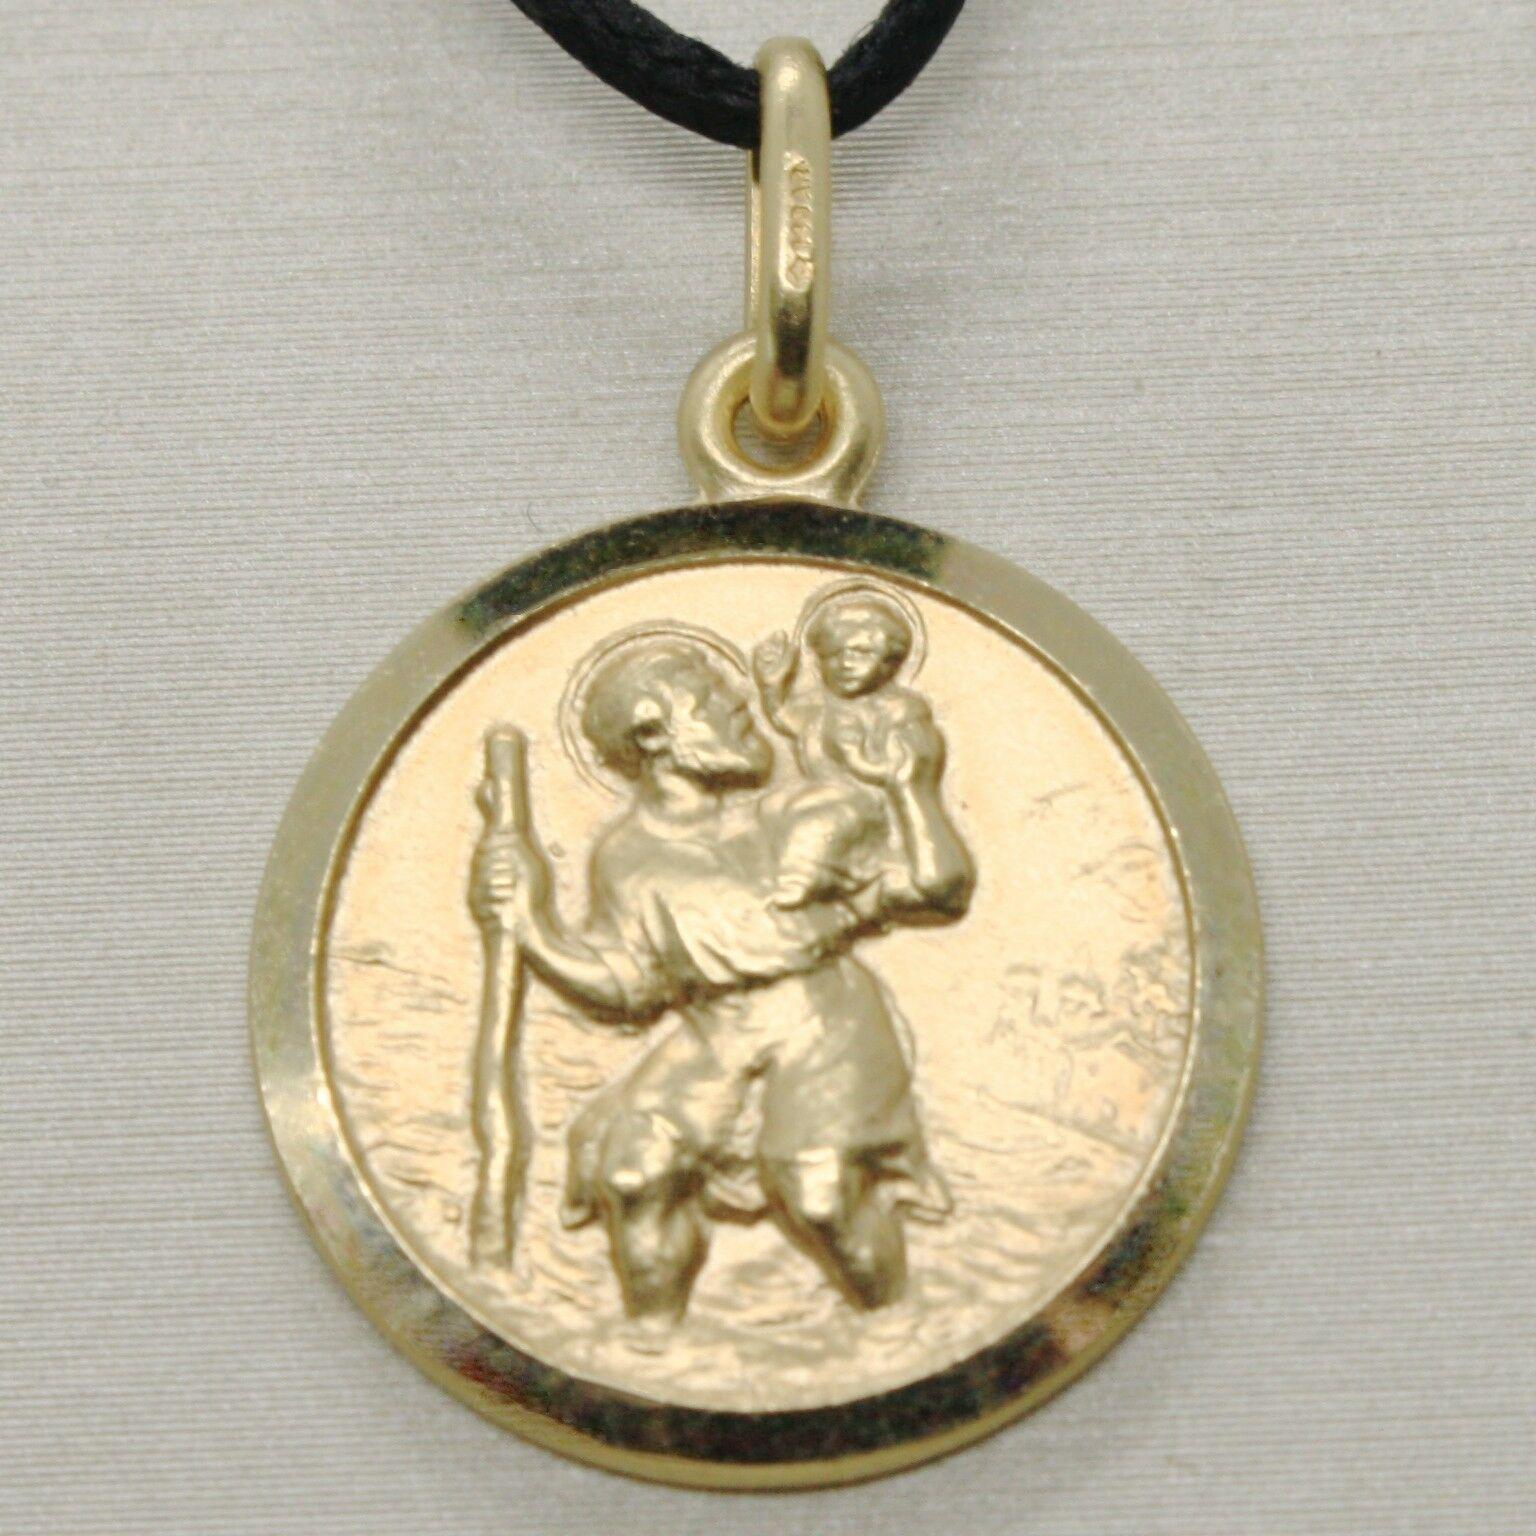 SOLID 18K YELLOW GOLD ST SAINT SANT CRISTOFORO CHRISTOPHER MEDAL DIAMETER 17 MM